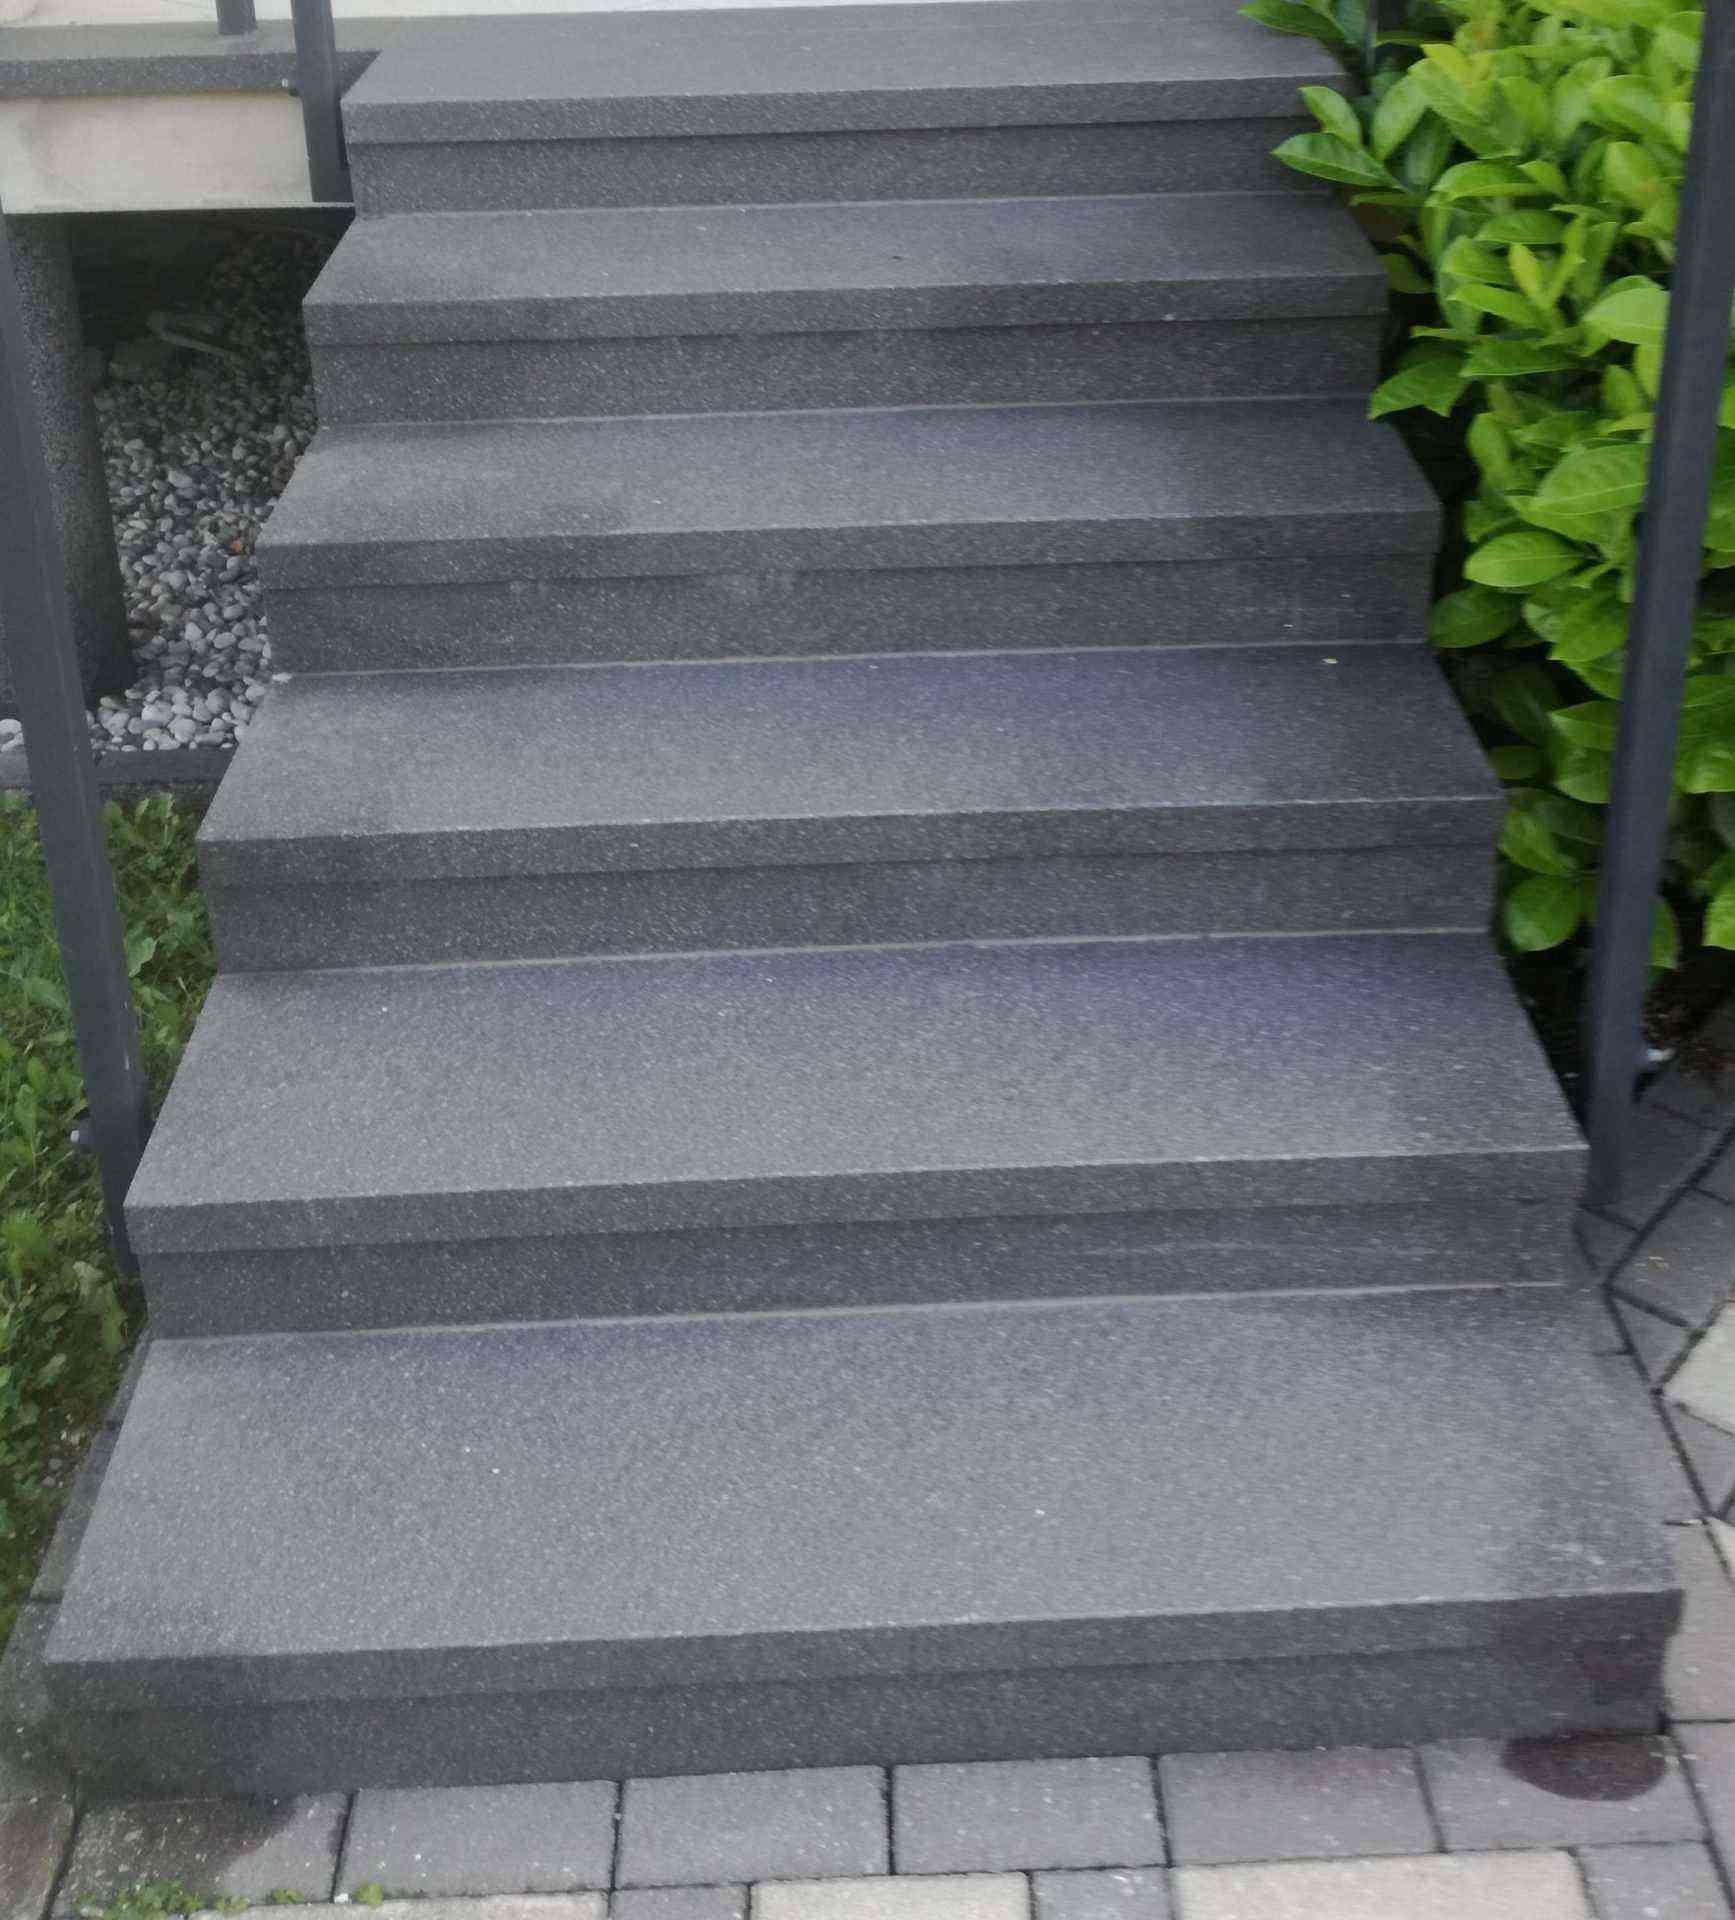 Stopniscni element iz crne keramike in v dolzini enega metra niso primerni za zunanjo uporabo